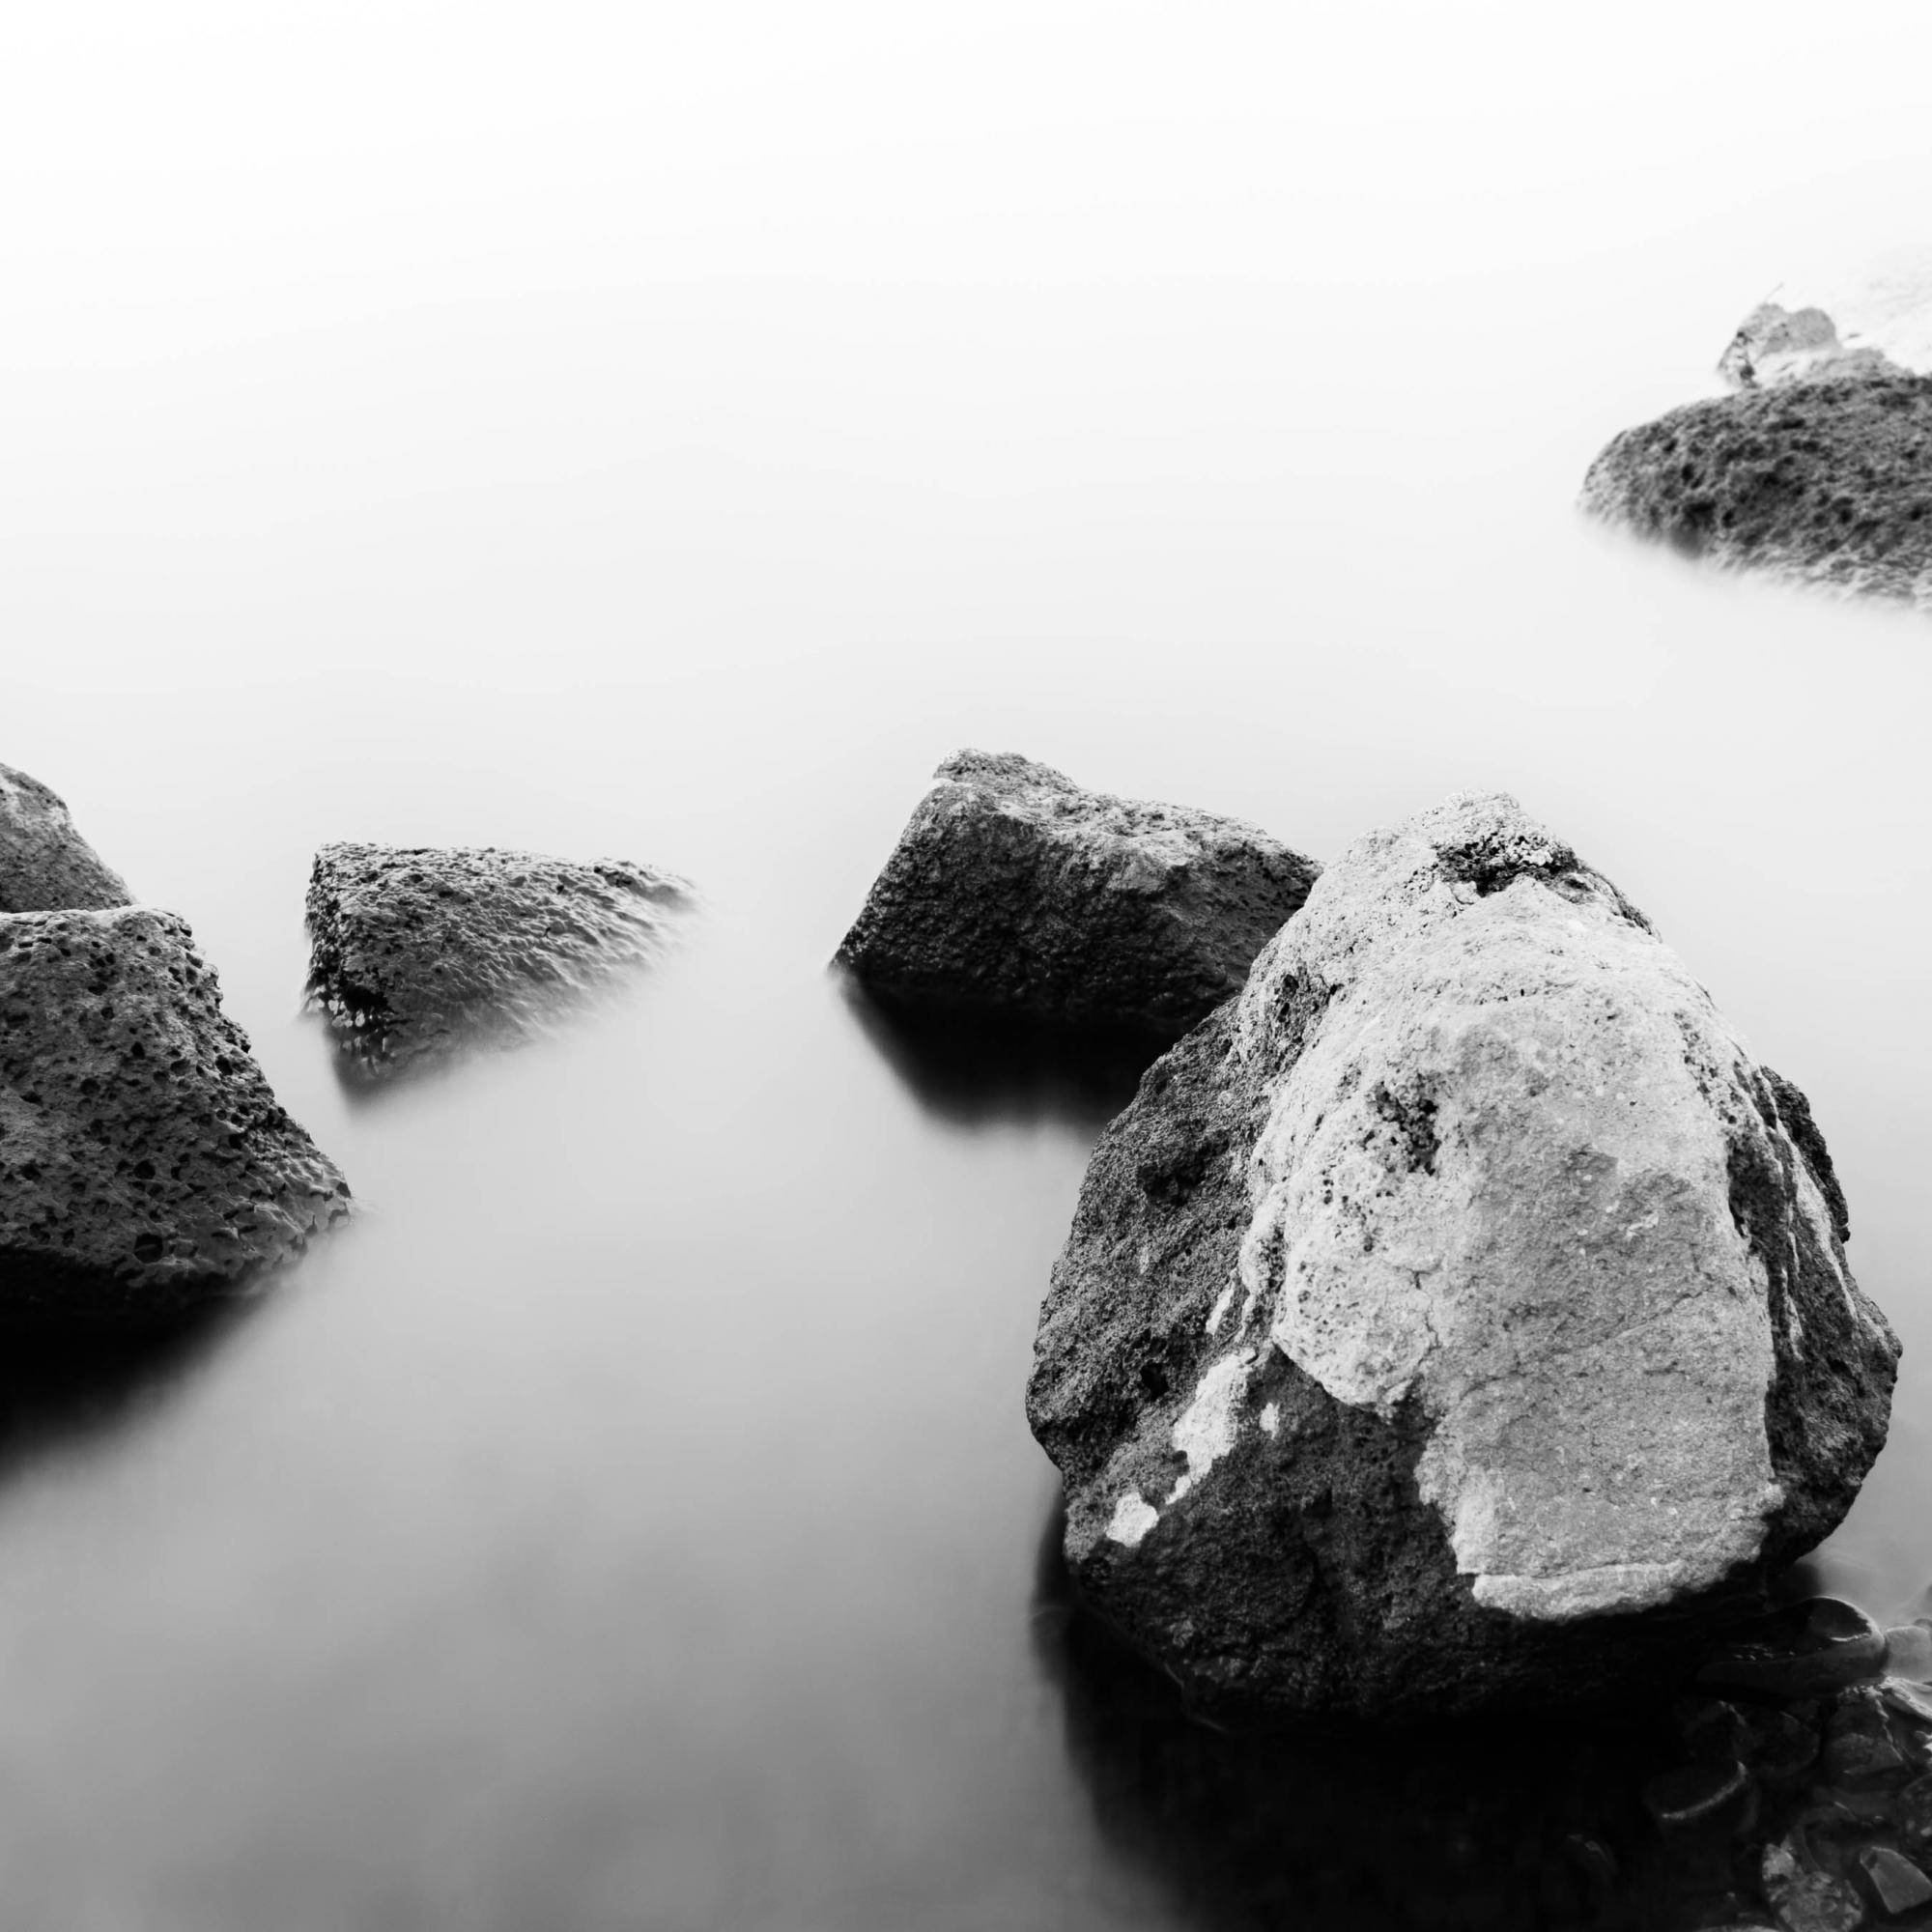 Swan Falls River Rocks